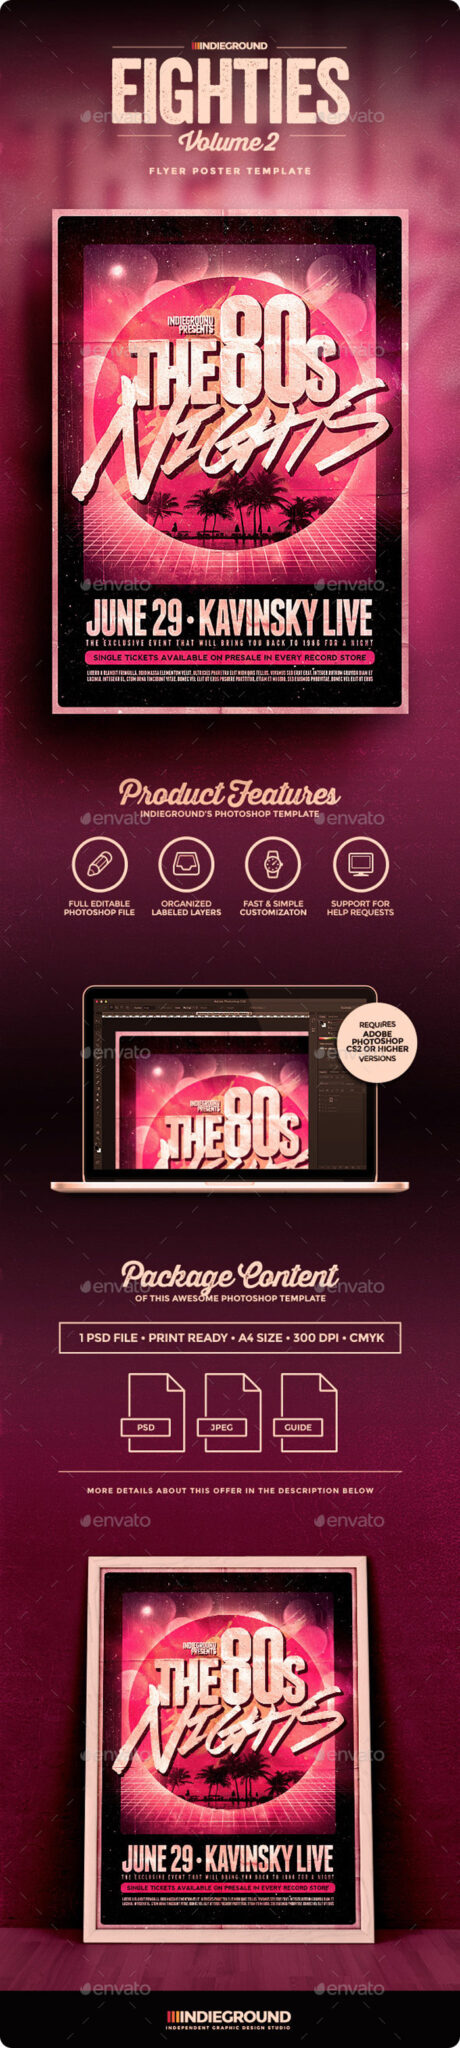 80sVol2_Flyer_Preview 43 Plantillas de folleto que debe descargar para sus clientes